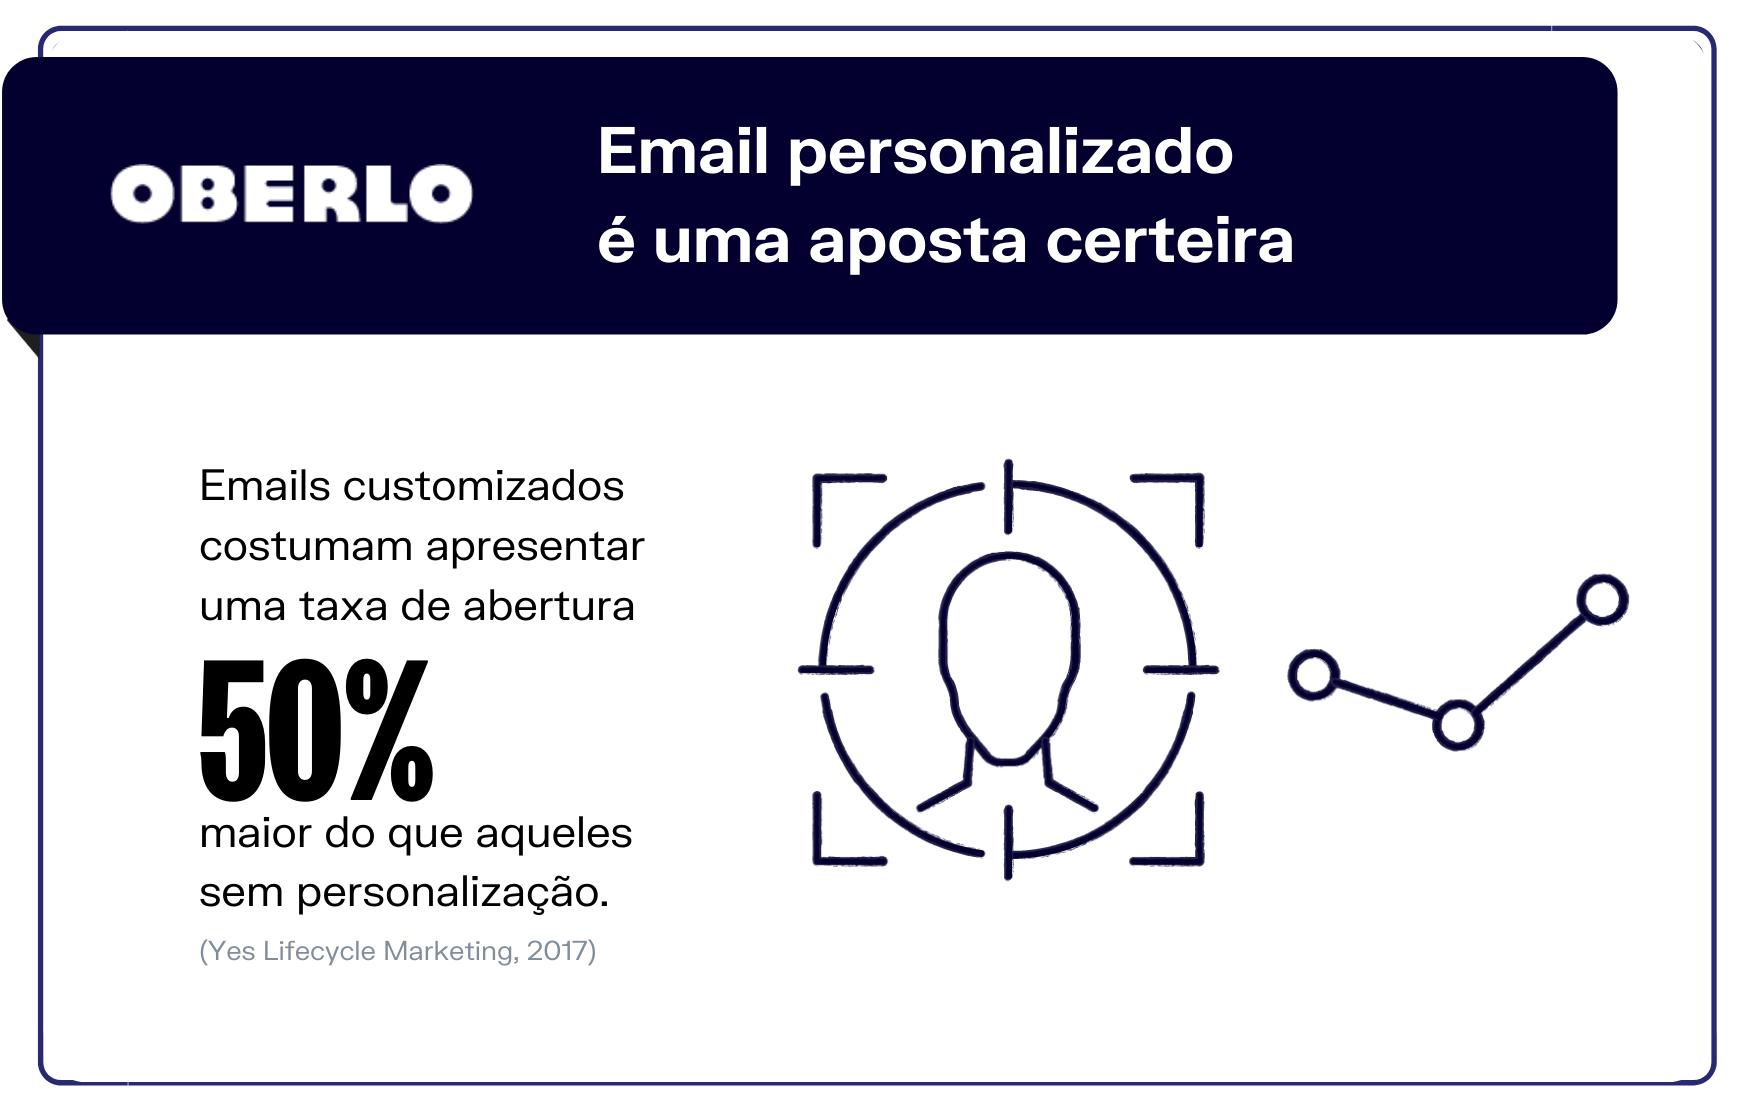 Como saber se o email foi lido - Email personalizado é uma aposta certeira